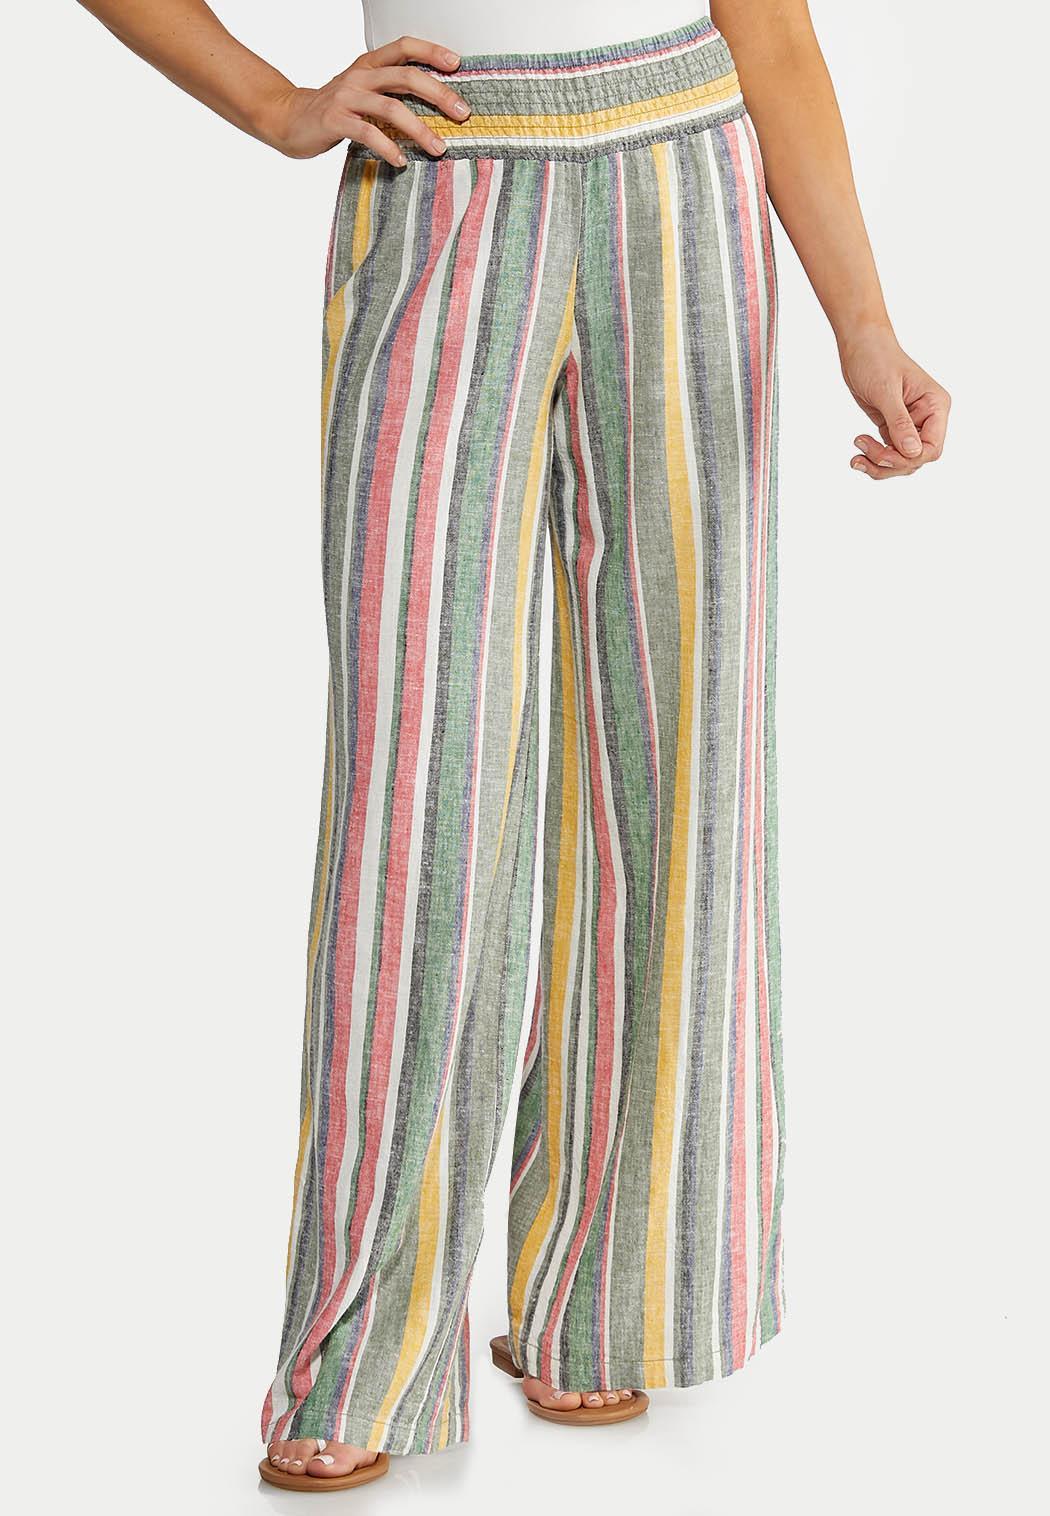 dcd19c666d Stripe Wide Leg Linen Pants Pants Cato Fashions